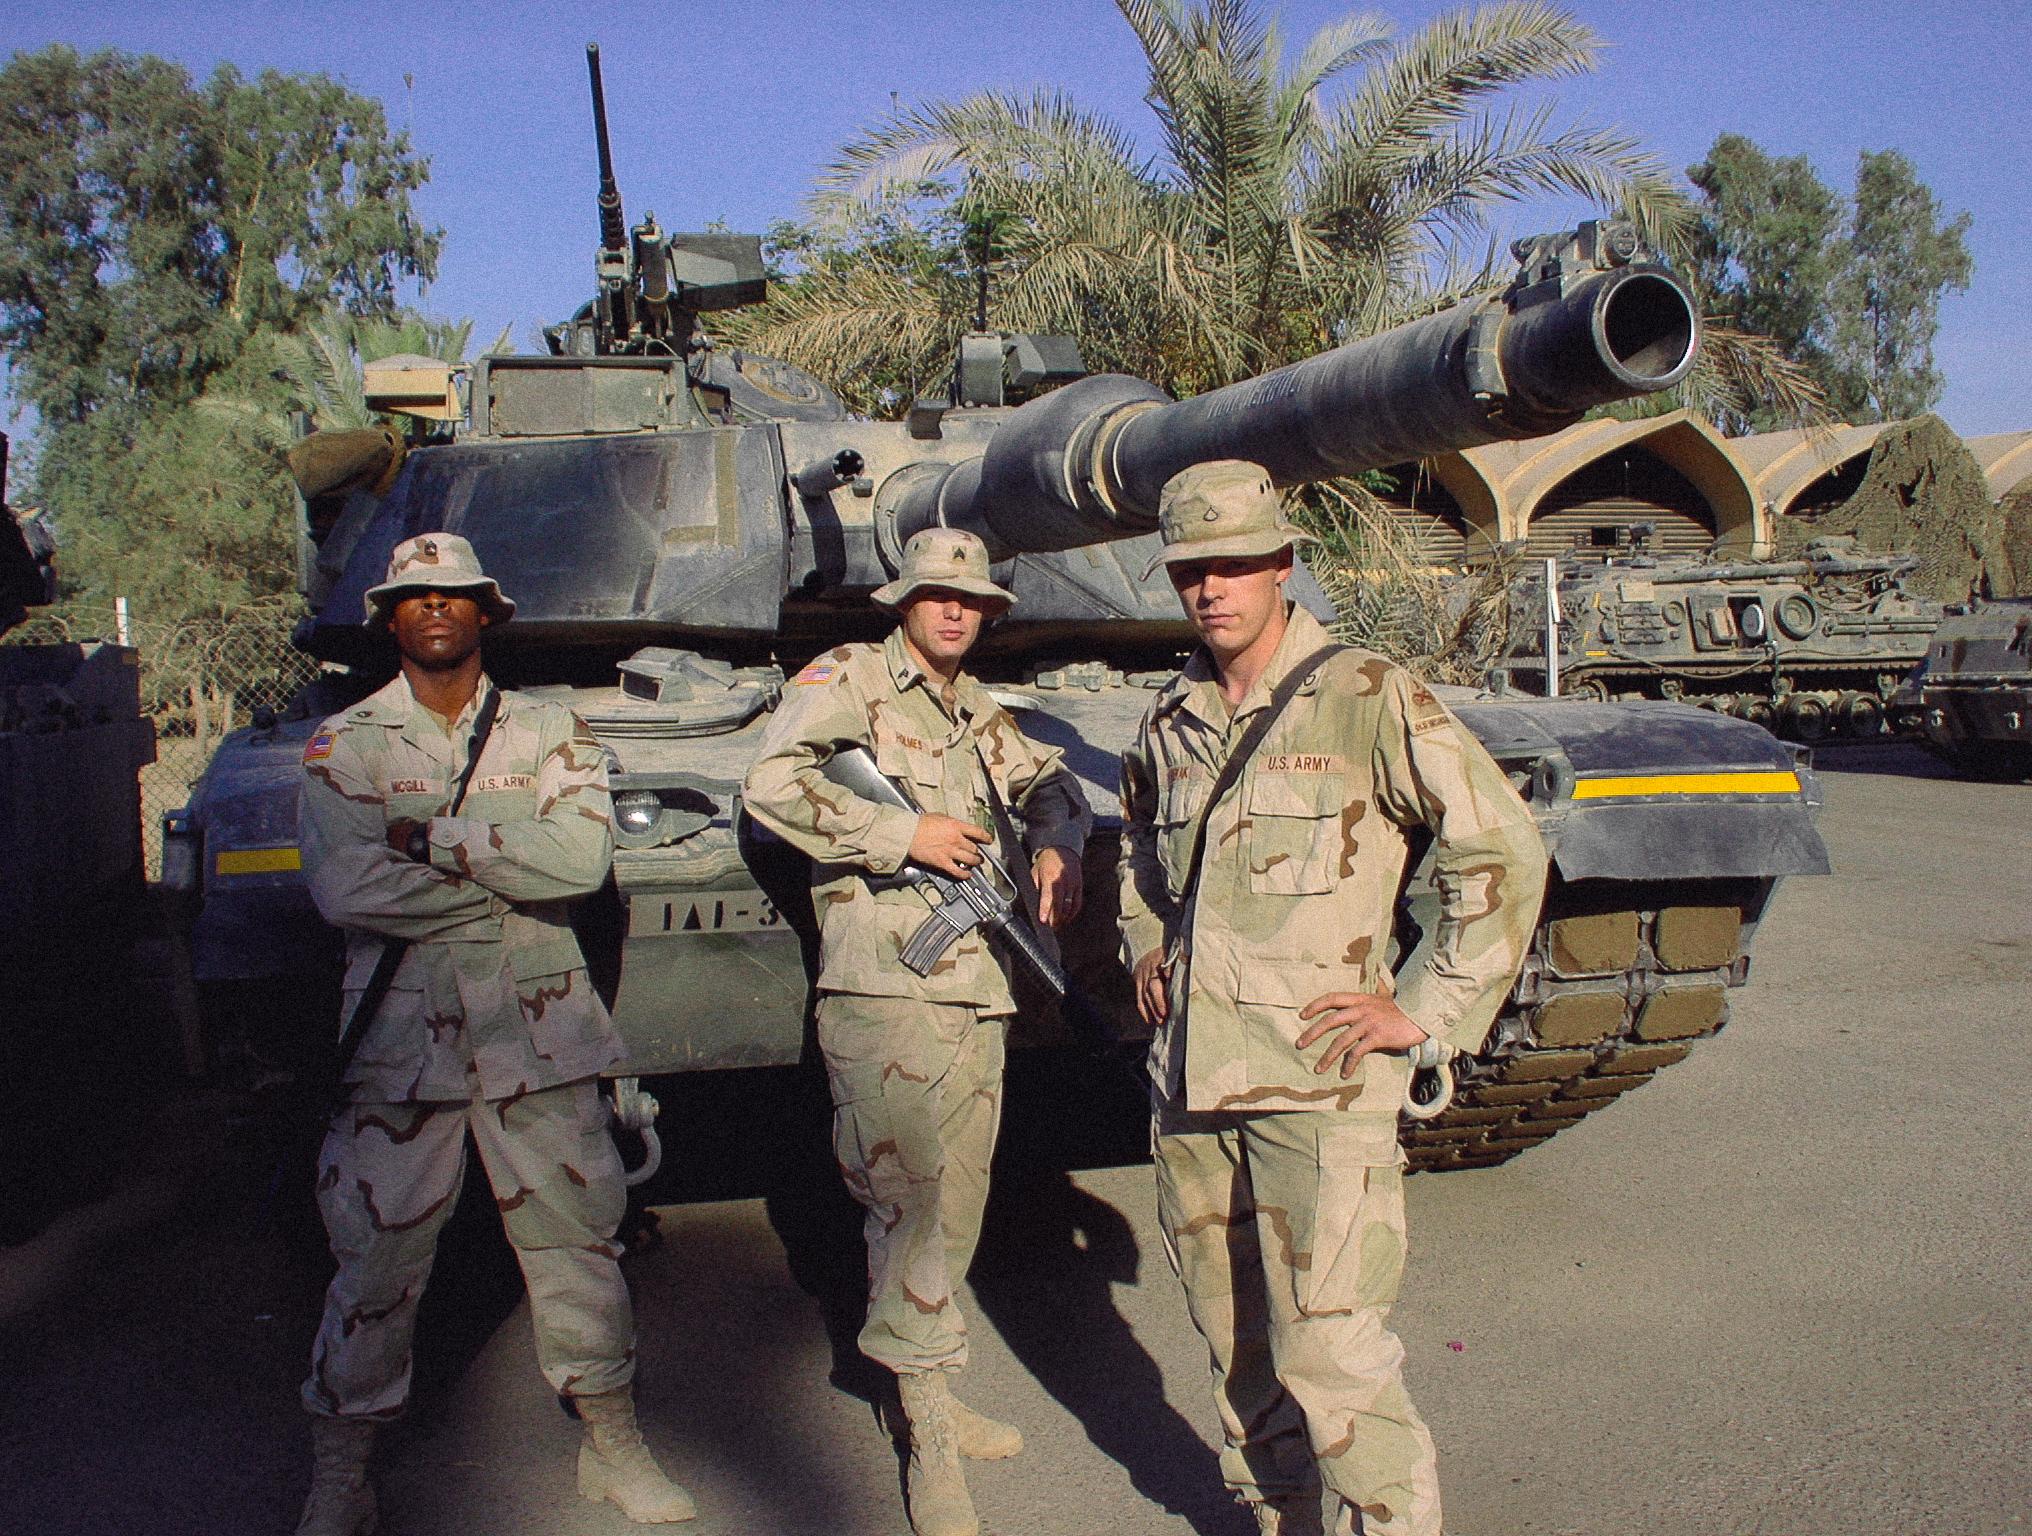 Revak in Baghdad, Iraq, 2003